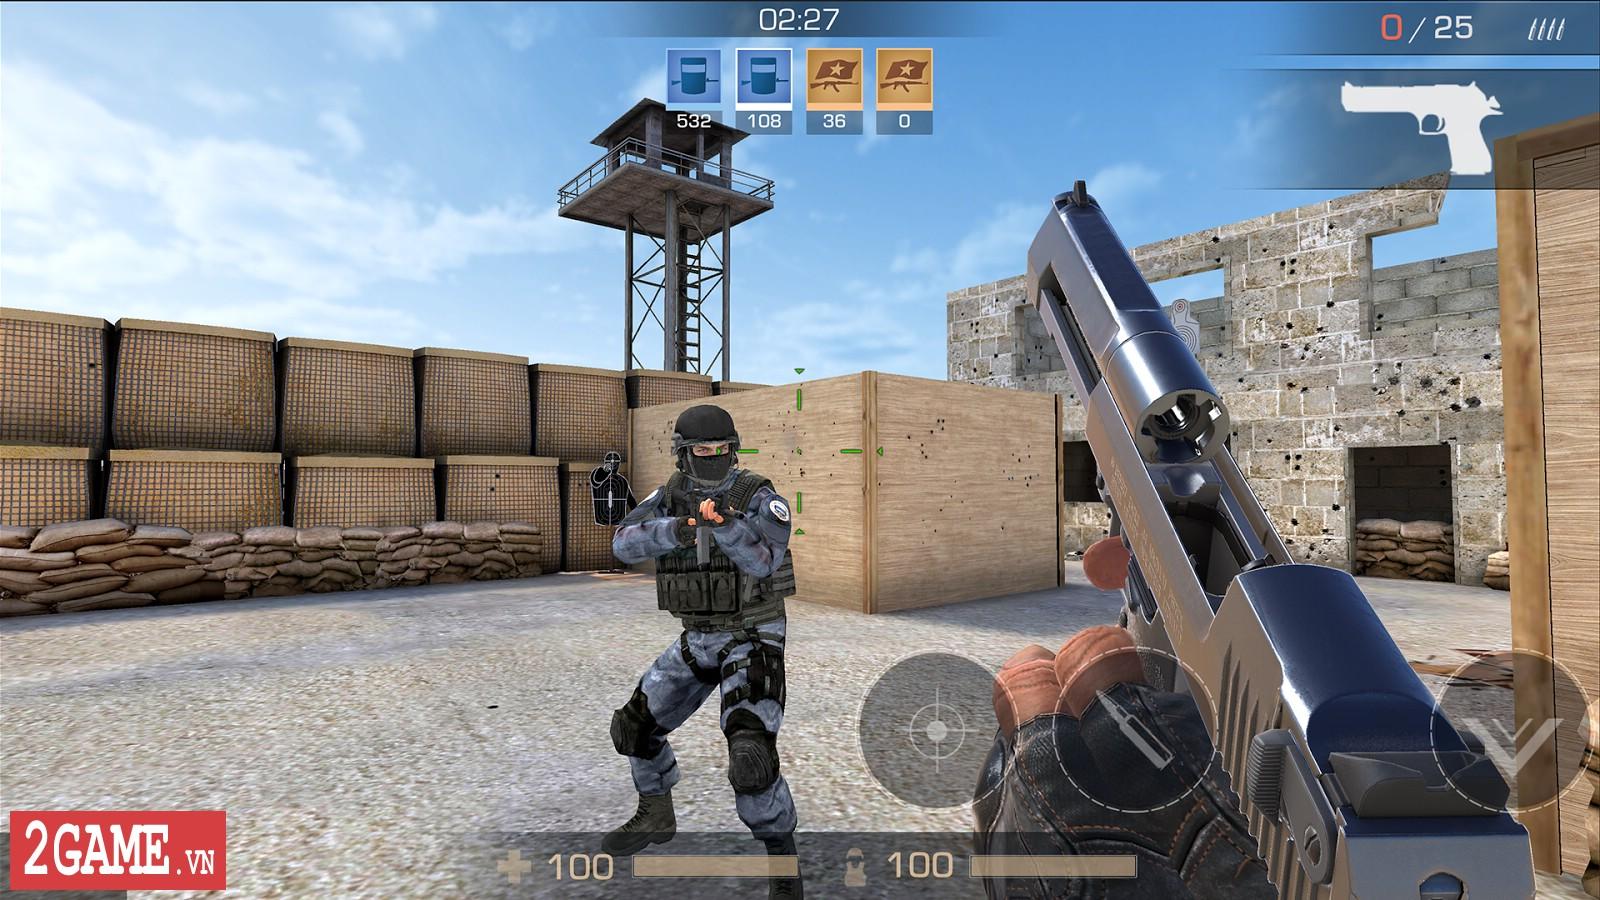 Standoff 2 - Game mobile bắn súng với đồ họa 3D cực kỳ chân thực 0